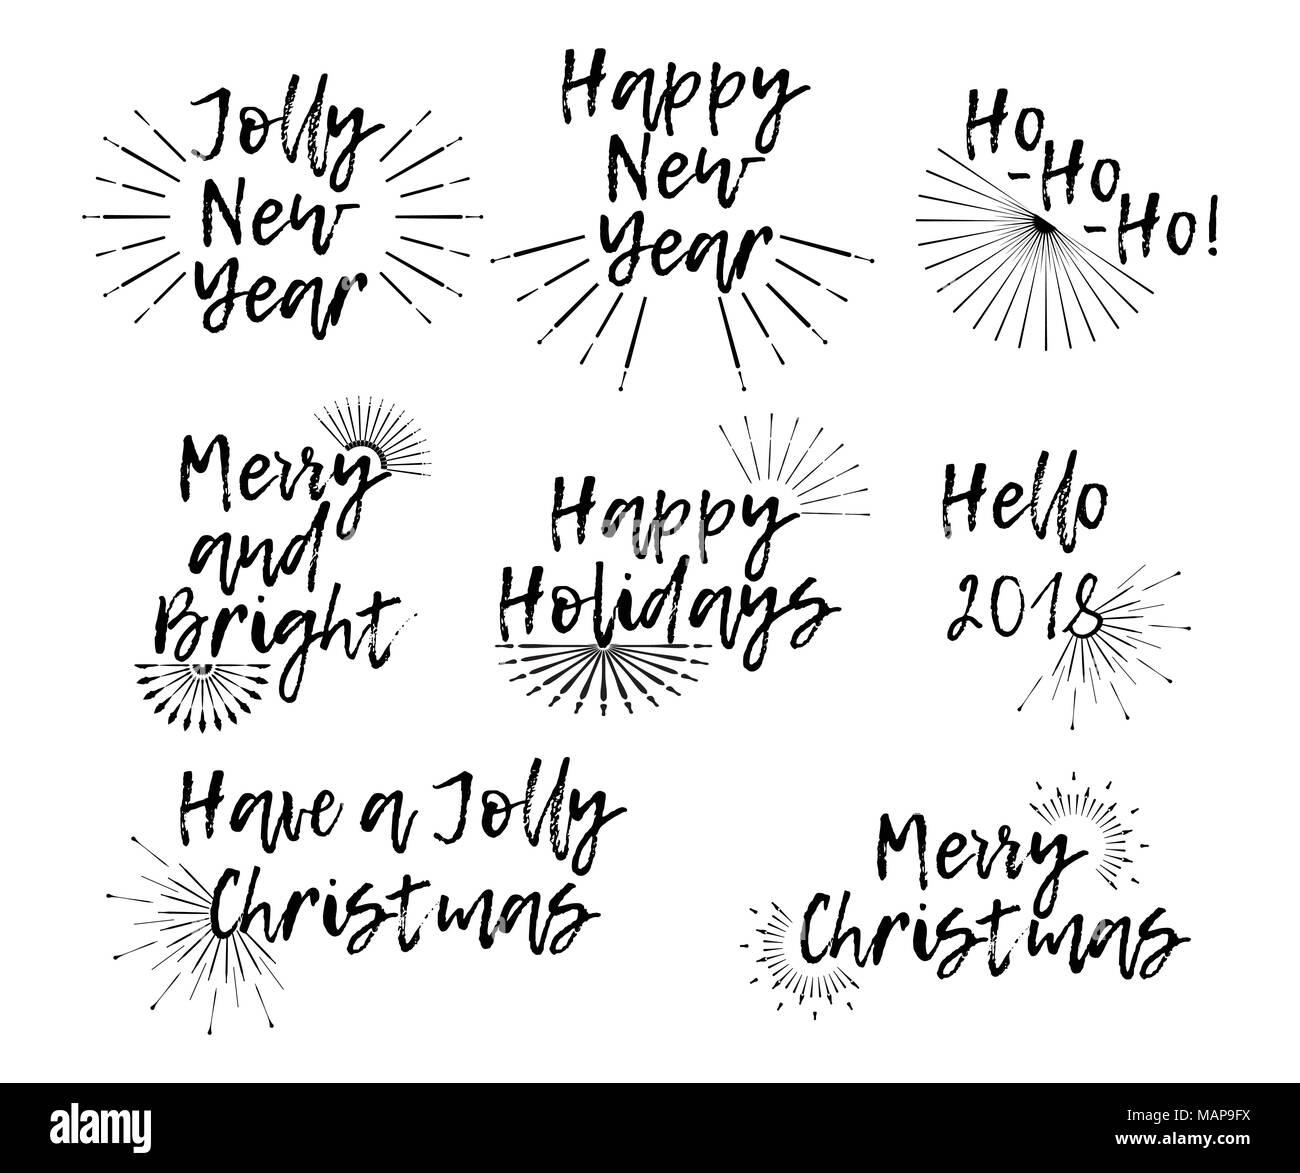 Frohe Weihnachten Text Karte.Satz Von Frohe Weihnachten Karte Mit Kalligraphie Text Und